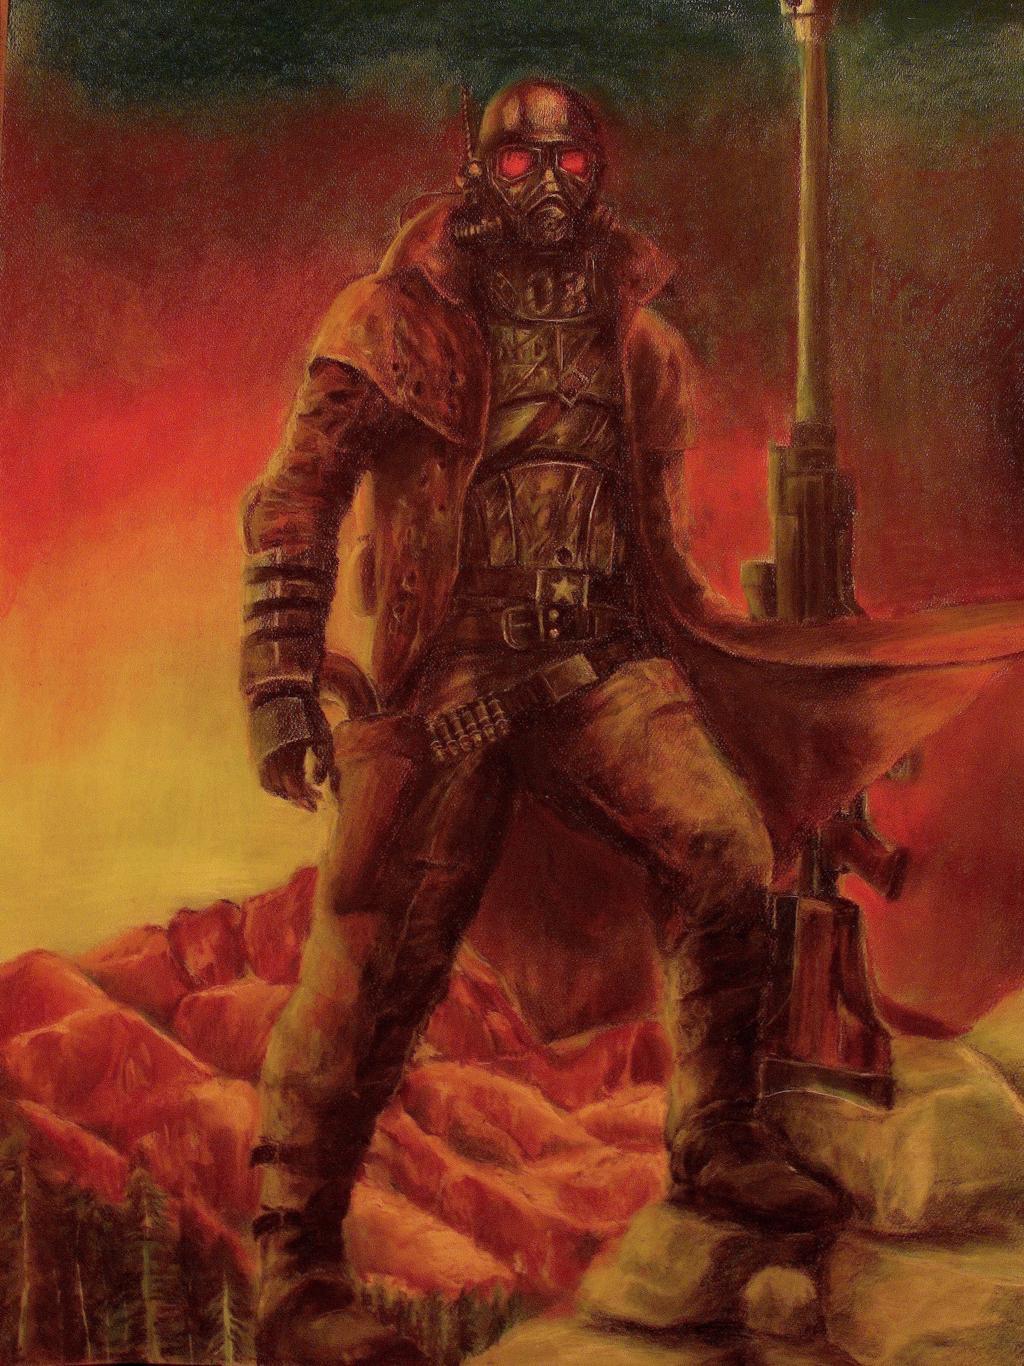 Ncr Veteran Ranger Wallpaper Posted By John Sellers